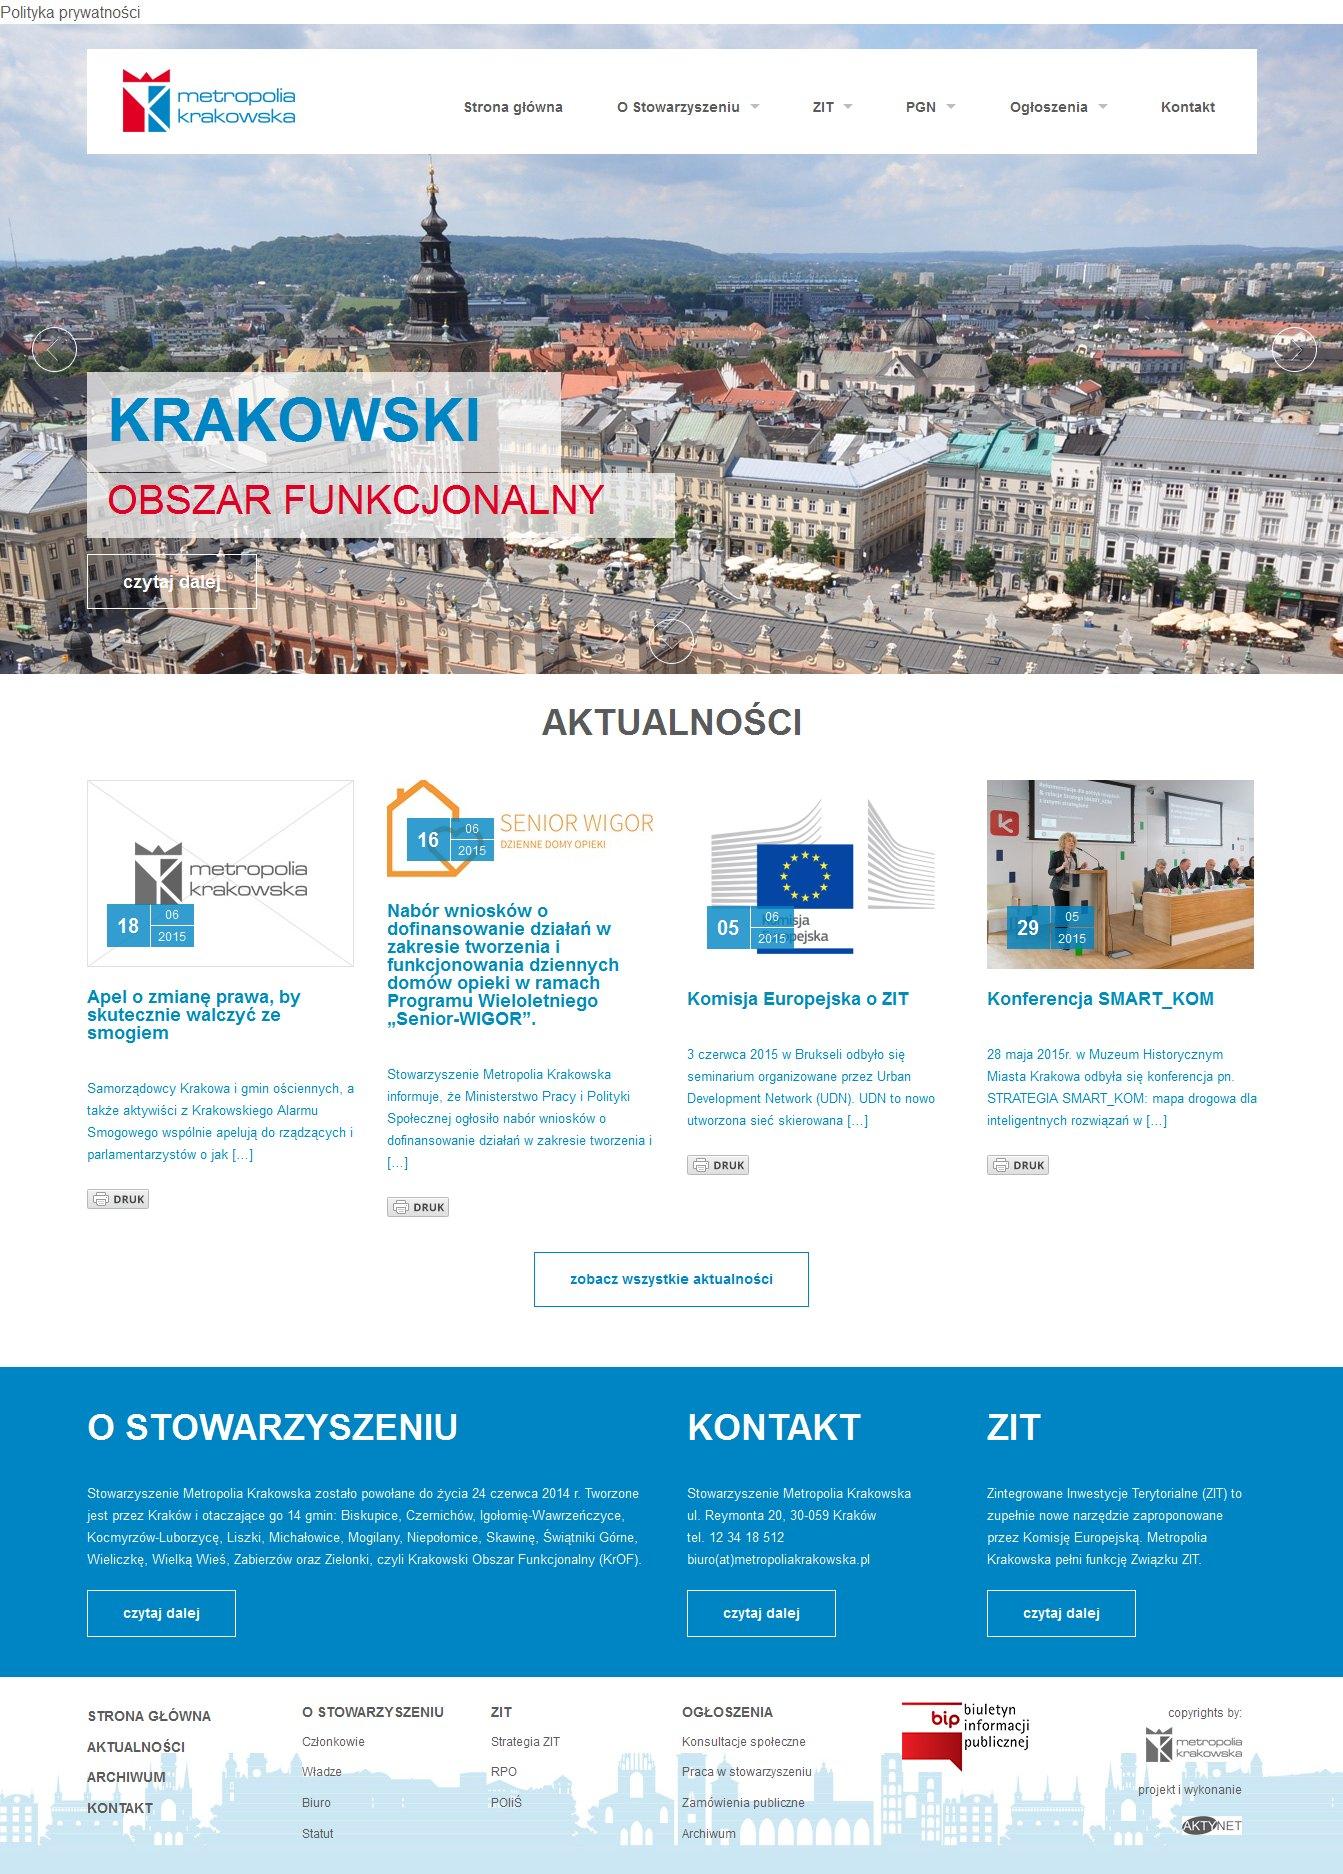 metropoliakarkowska-duzy